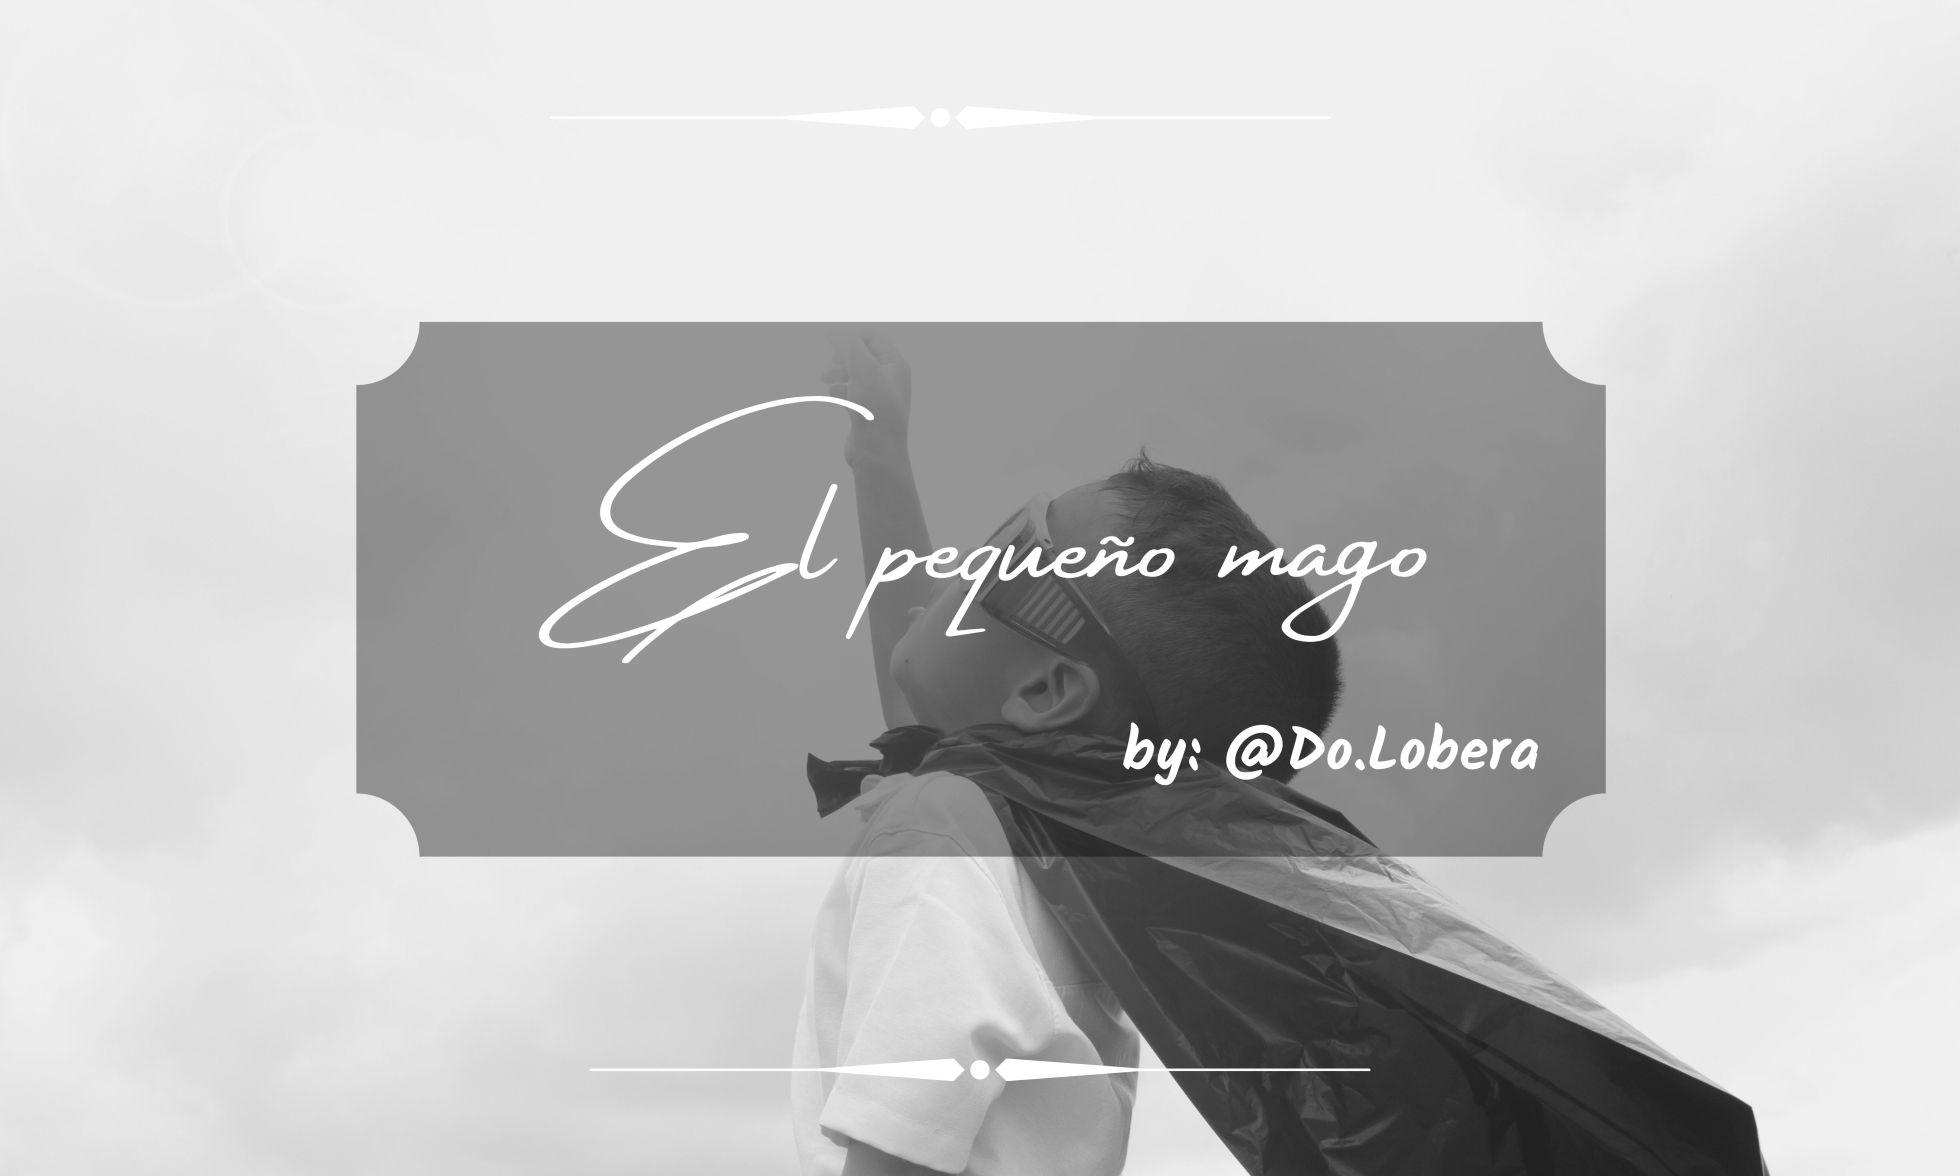 El pequeño mago - by Do.lobera